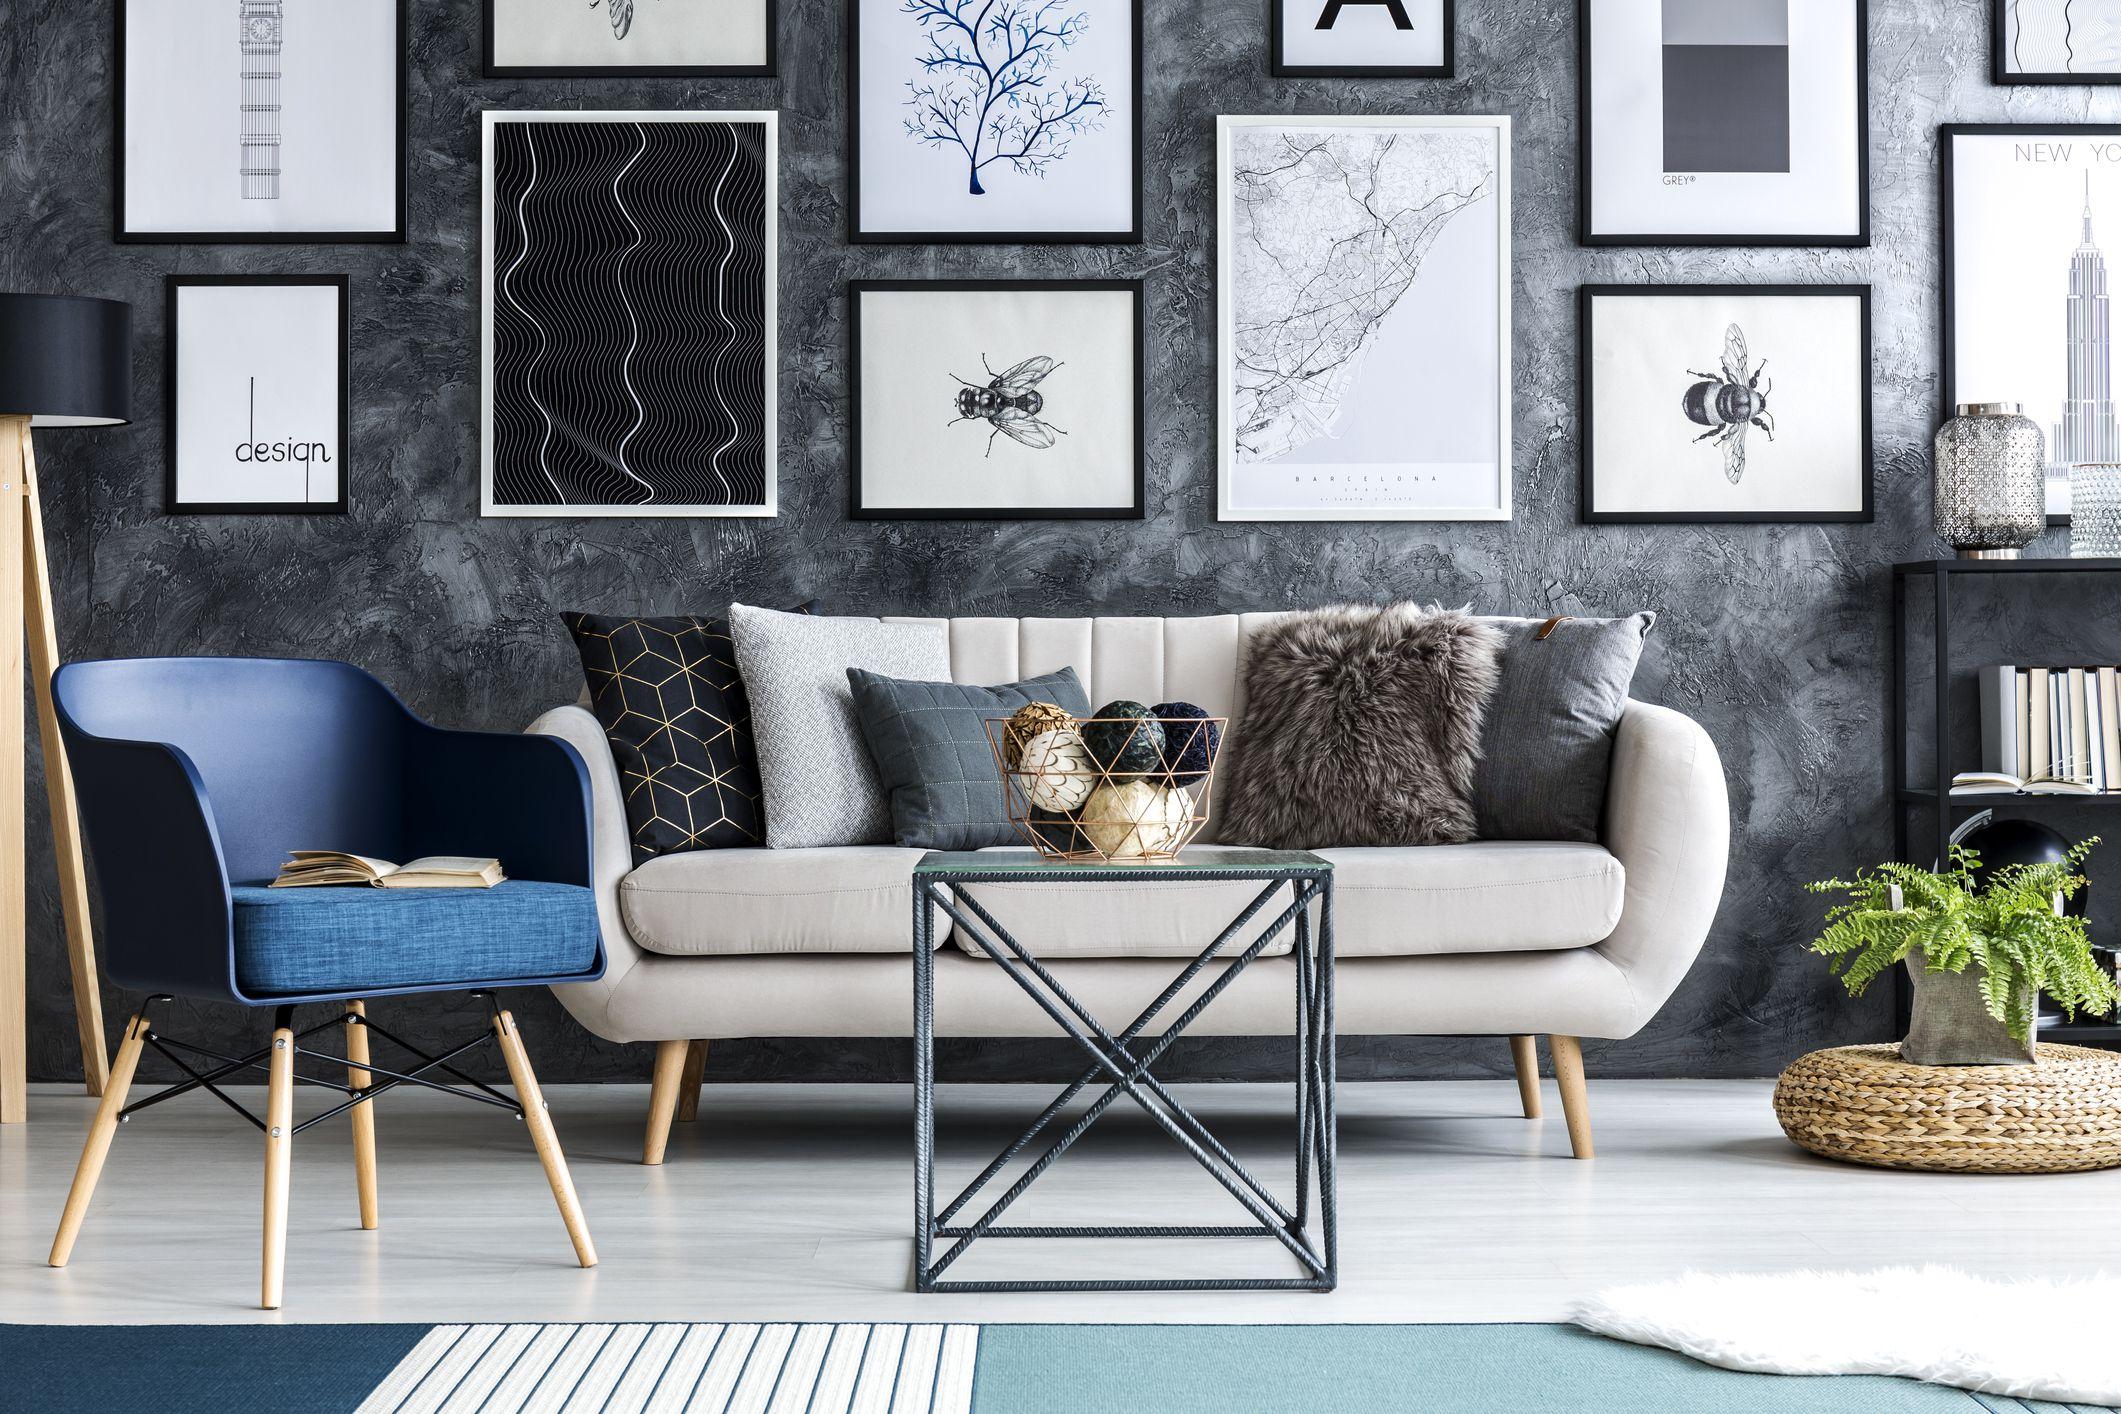 wall art decor for living room.htm 10 renter friendly wall decor ideas  10 renter friendly wall decor ideas